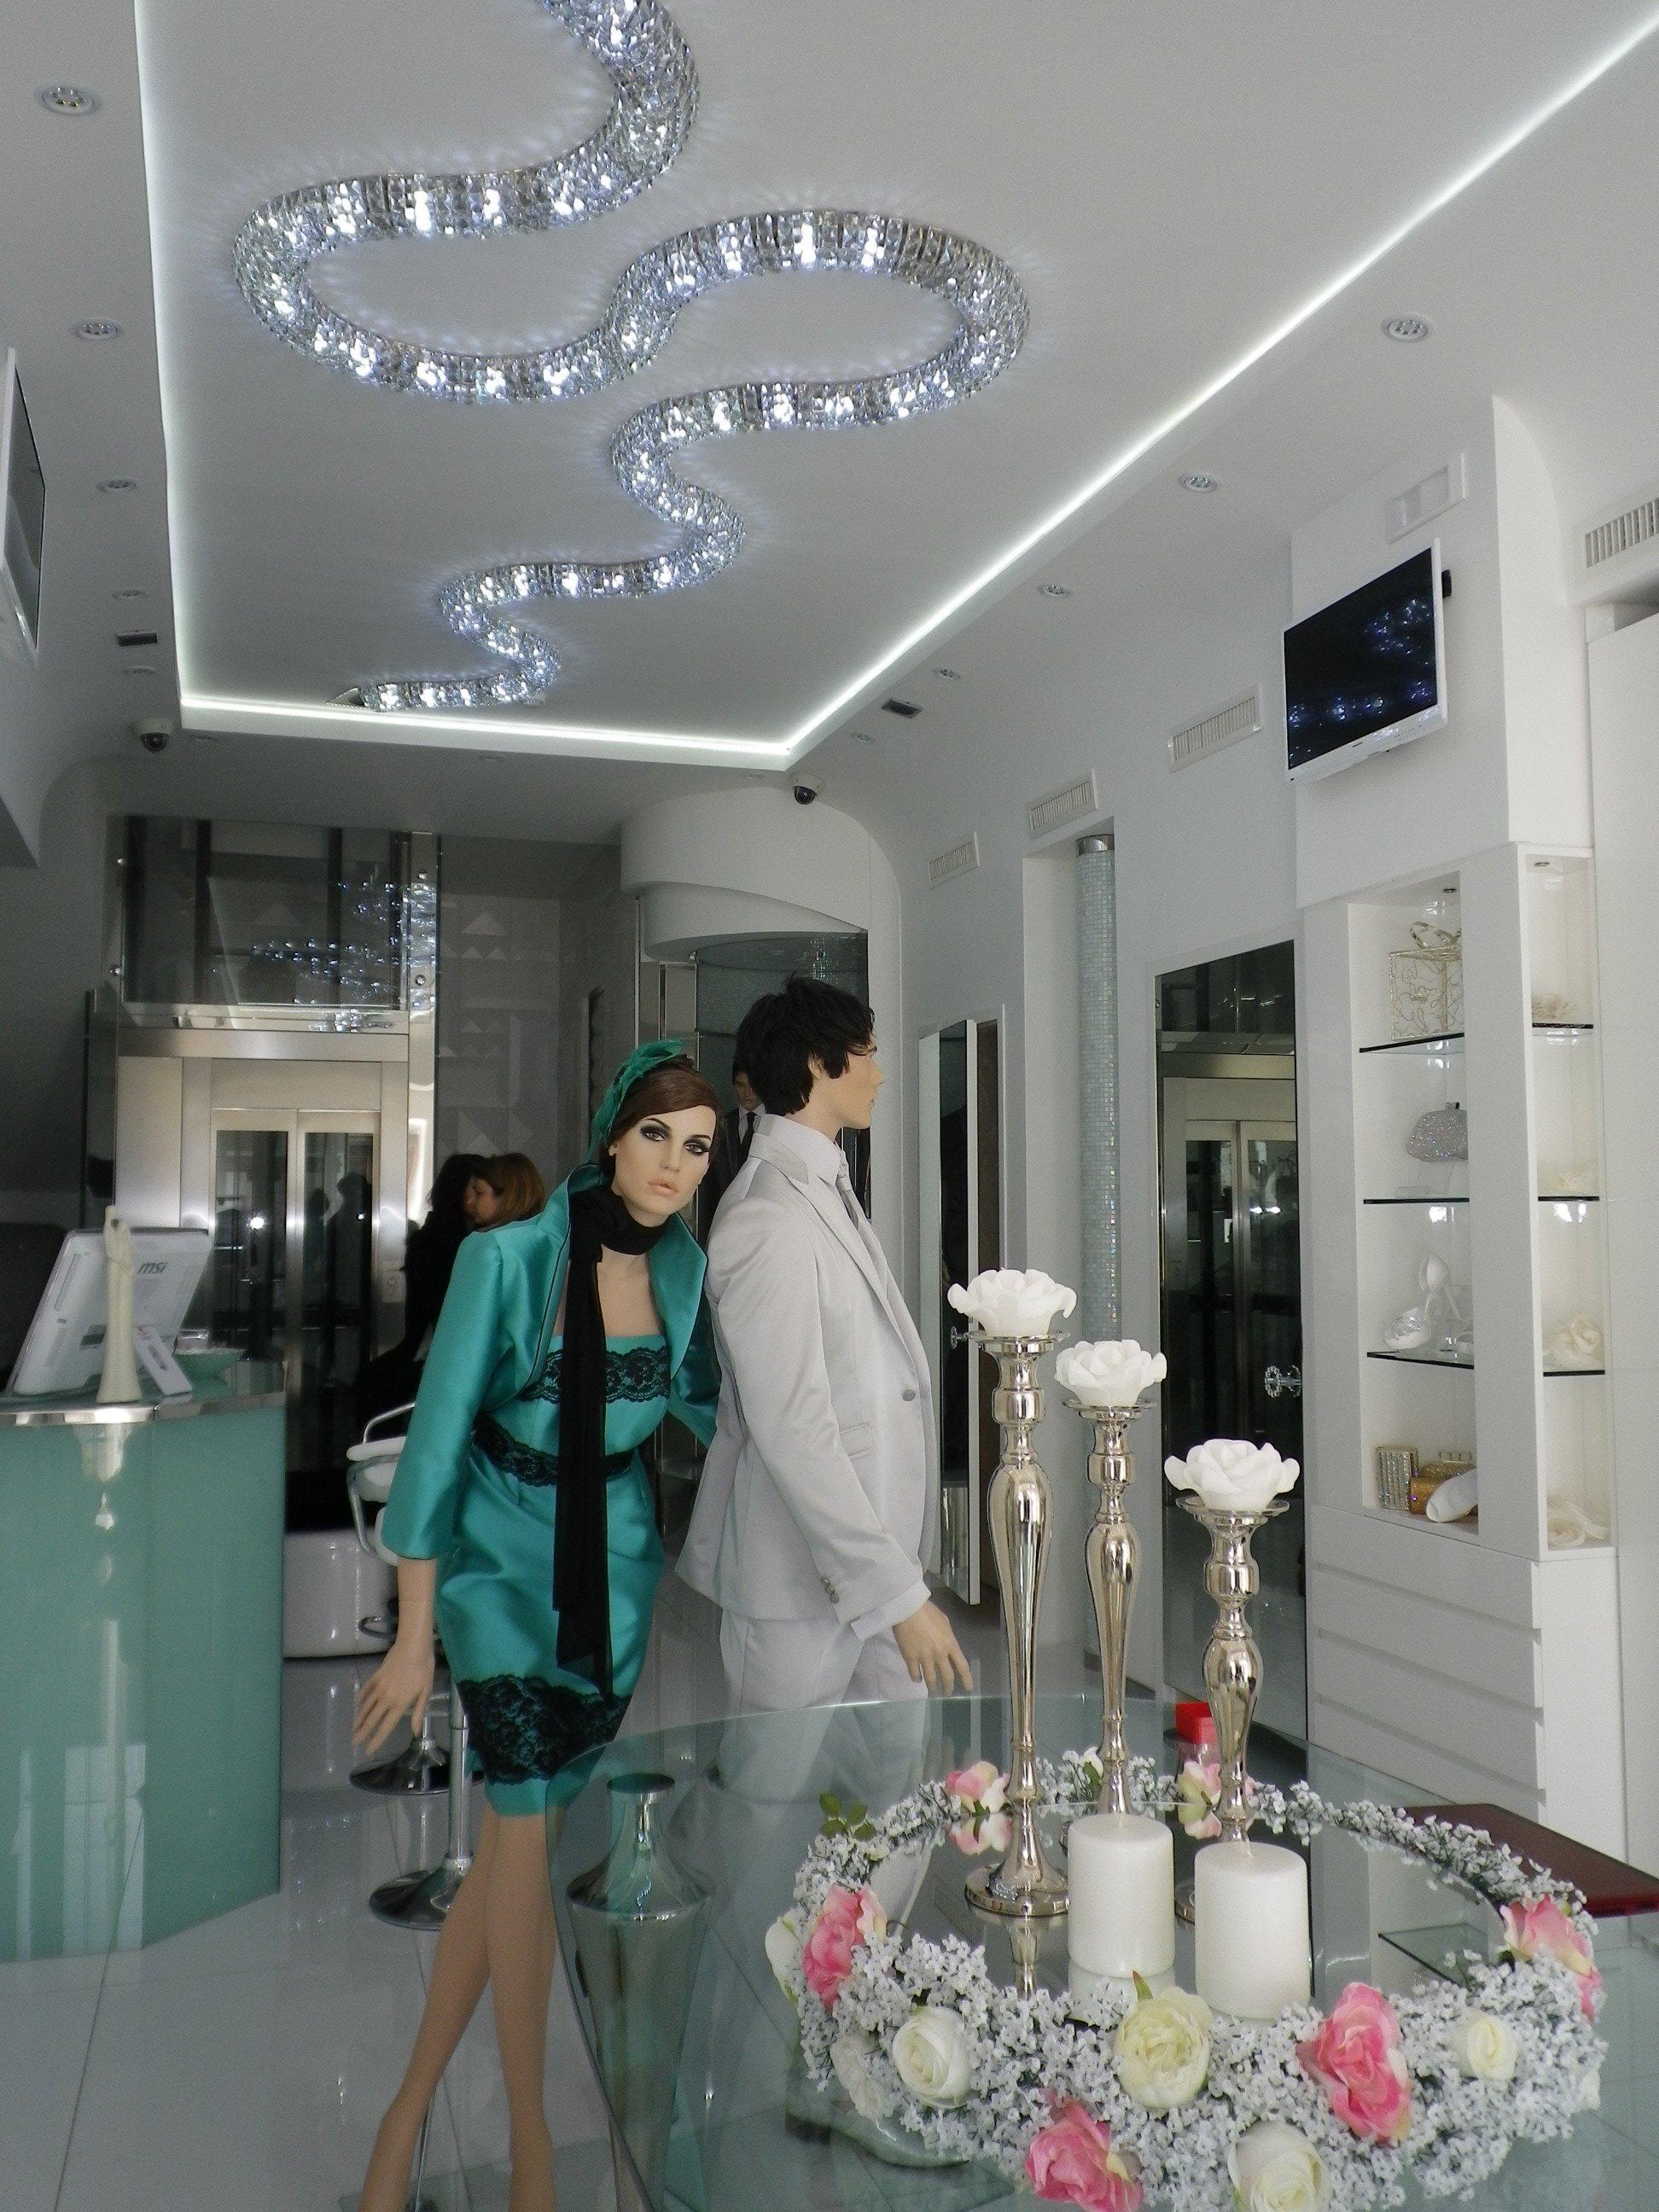 Reception di un negozio di abbigliamento con due manichini vestiti in stile elegante